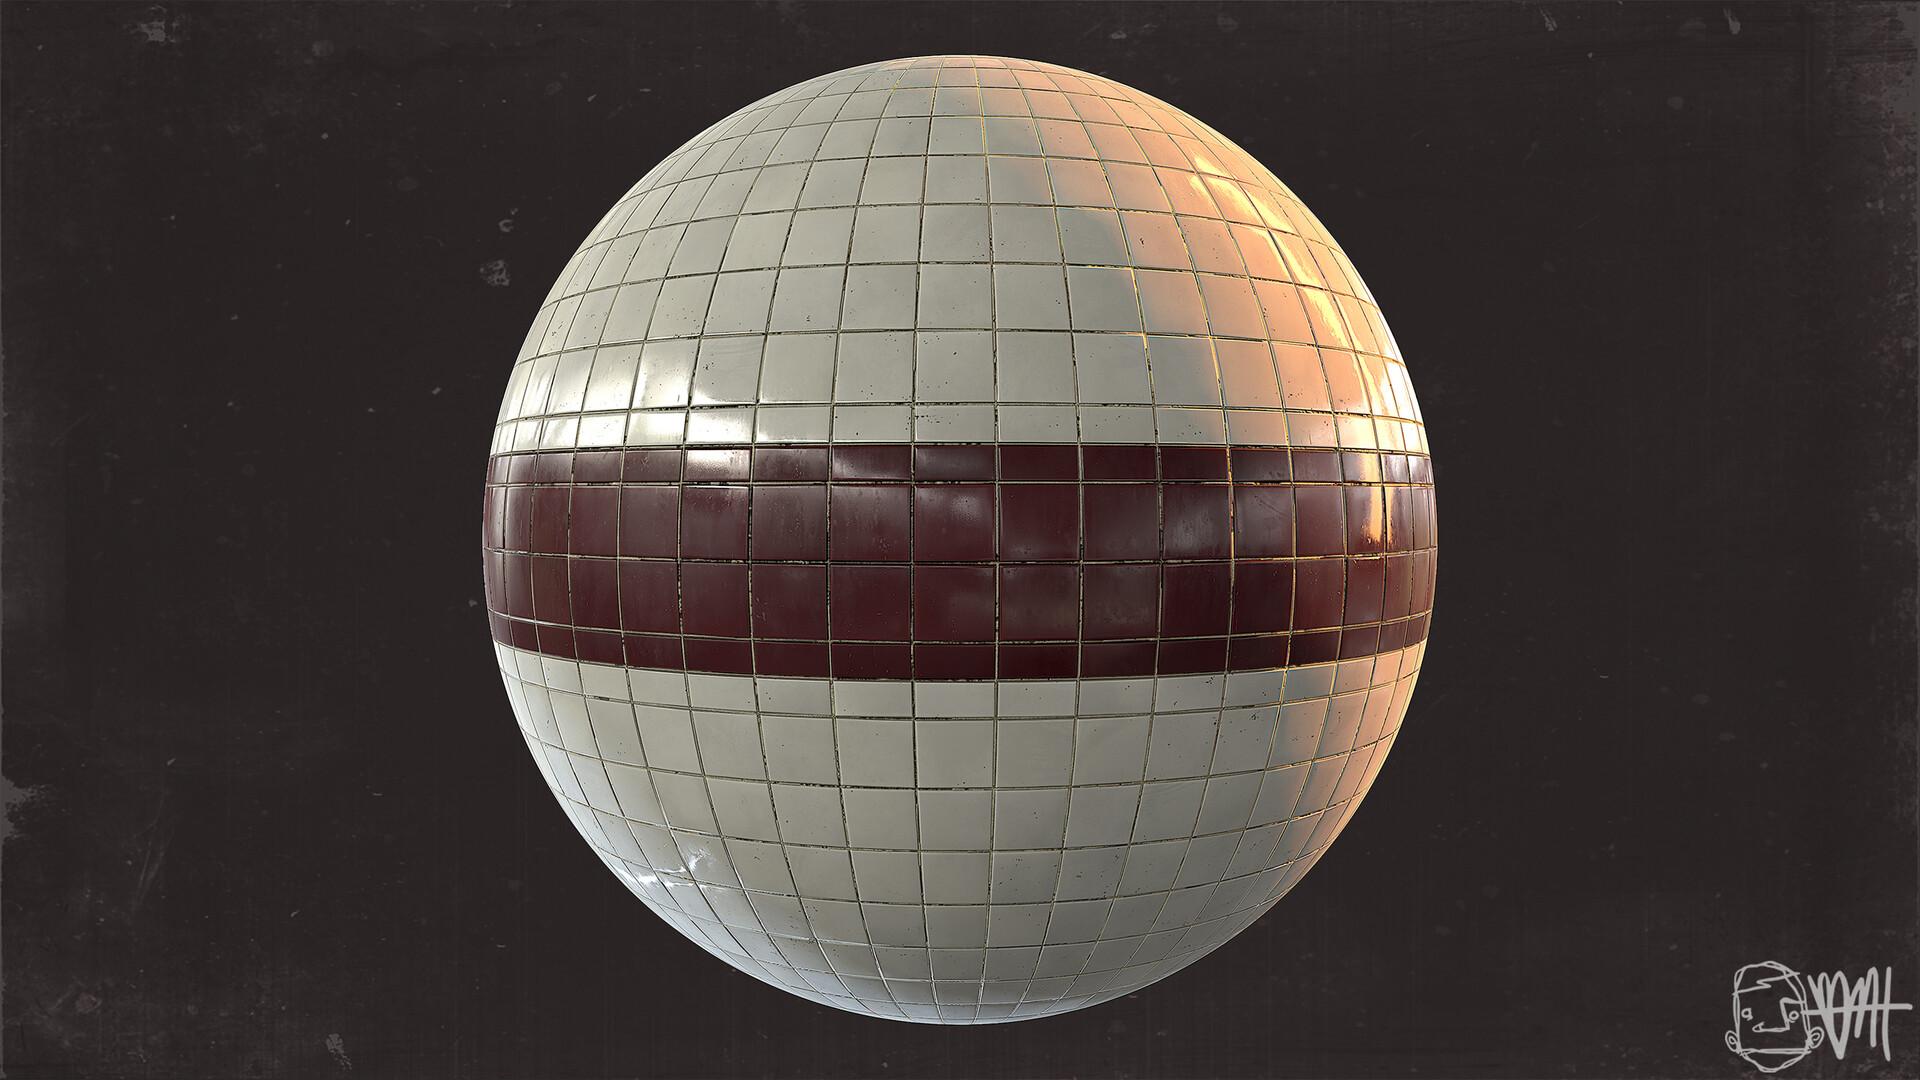 Brett marshall tucker subway tile 2 sphere render